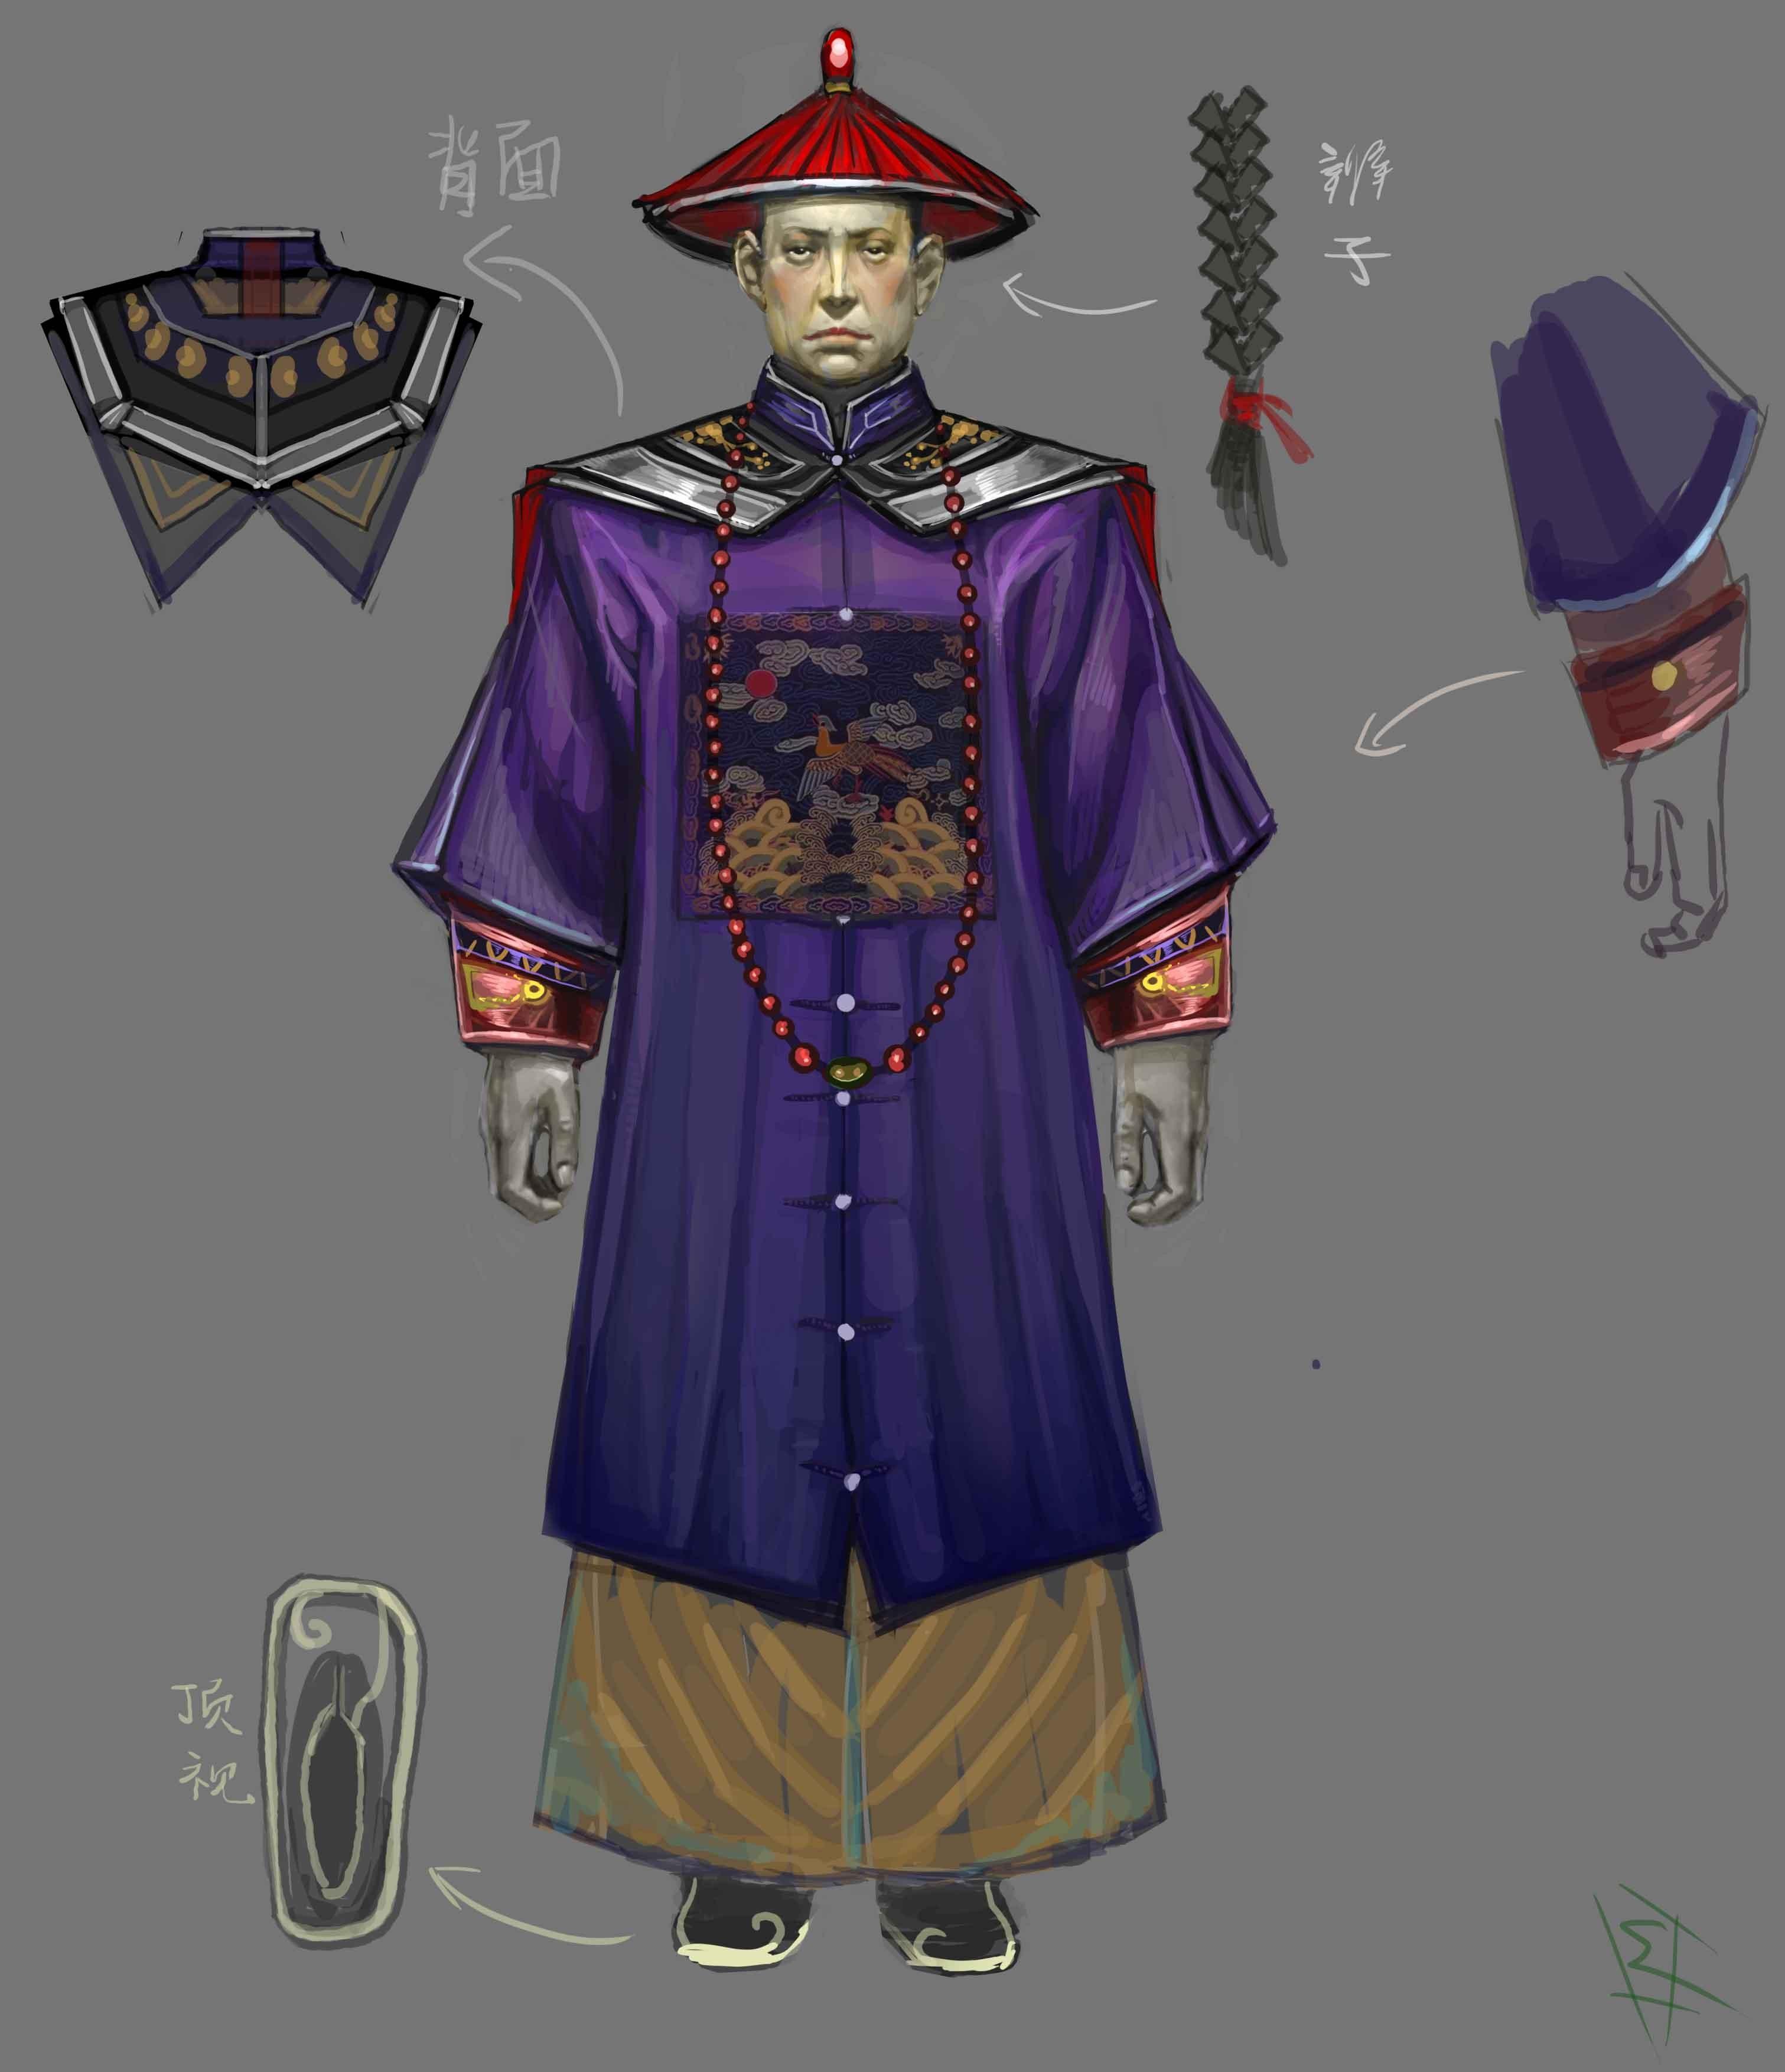 古代官员服饰图案